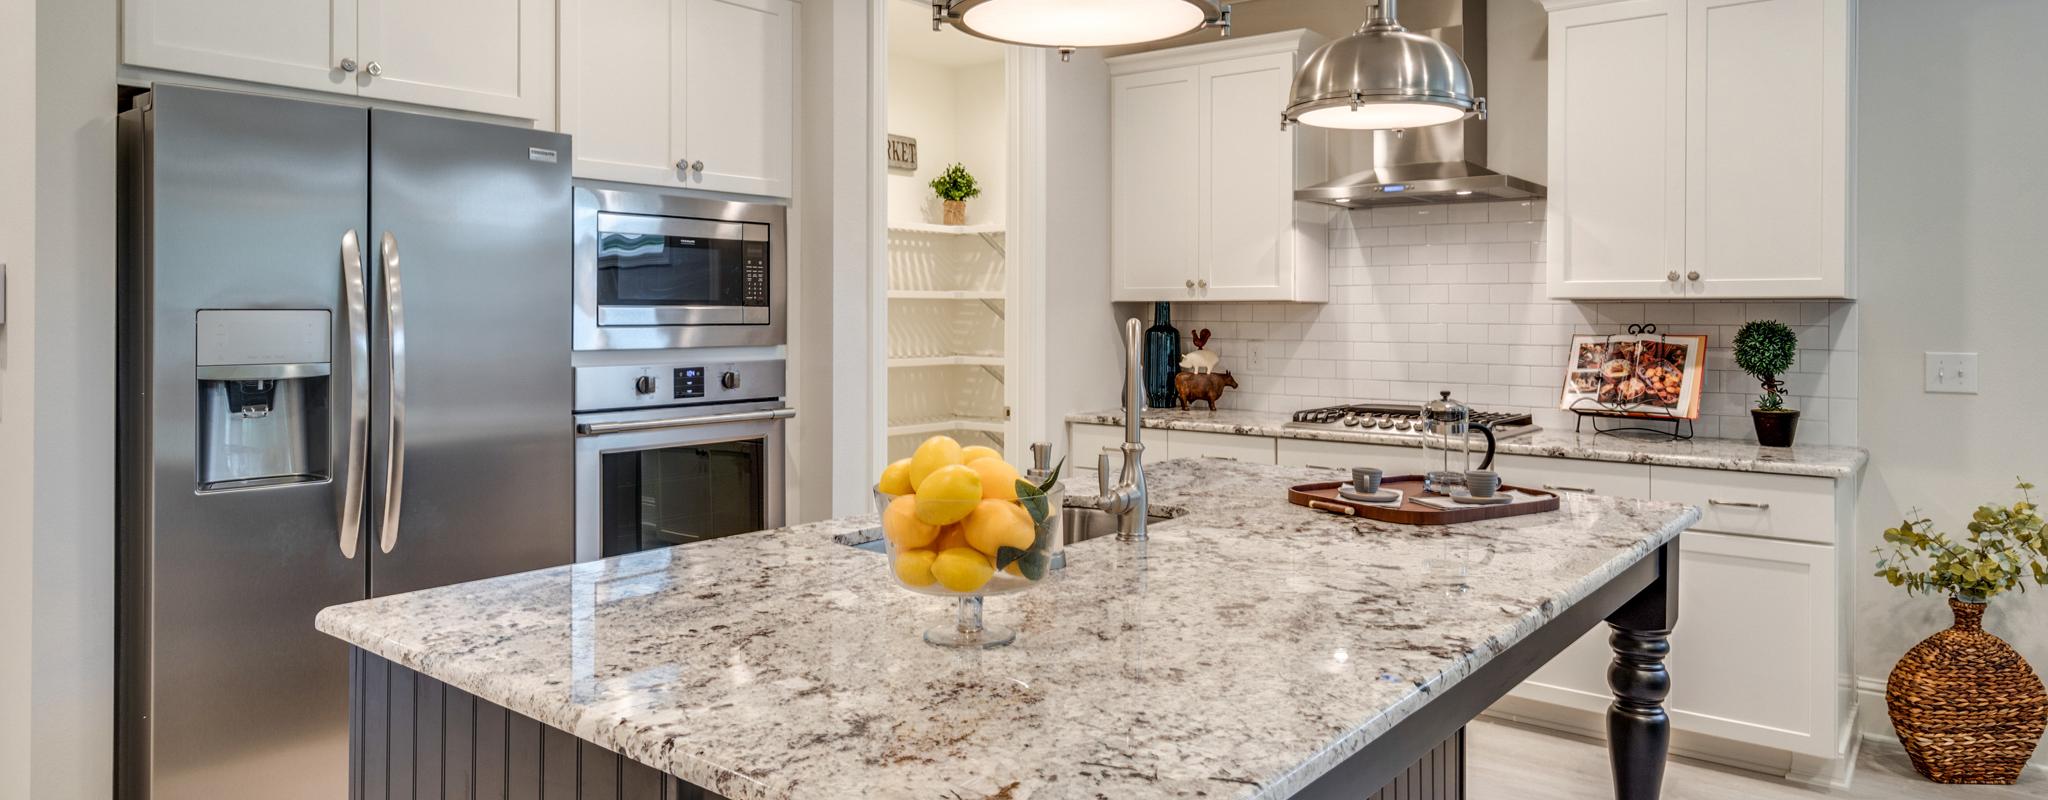 Granite countertops in Osprey kitchen